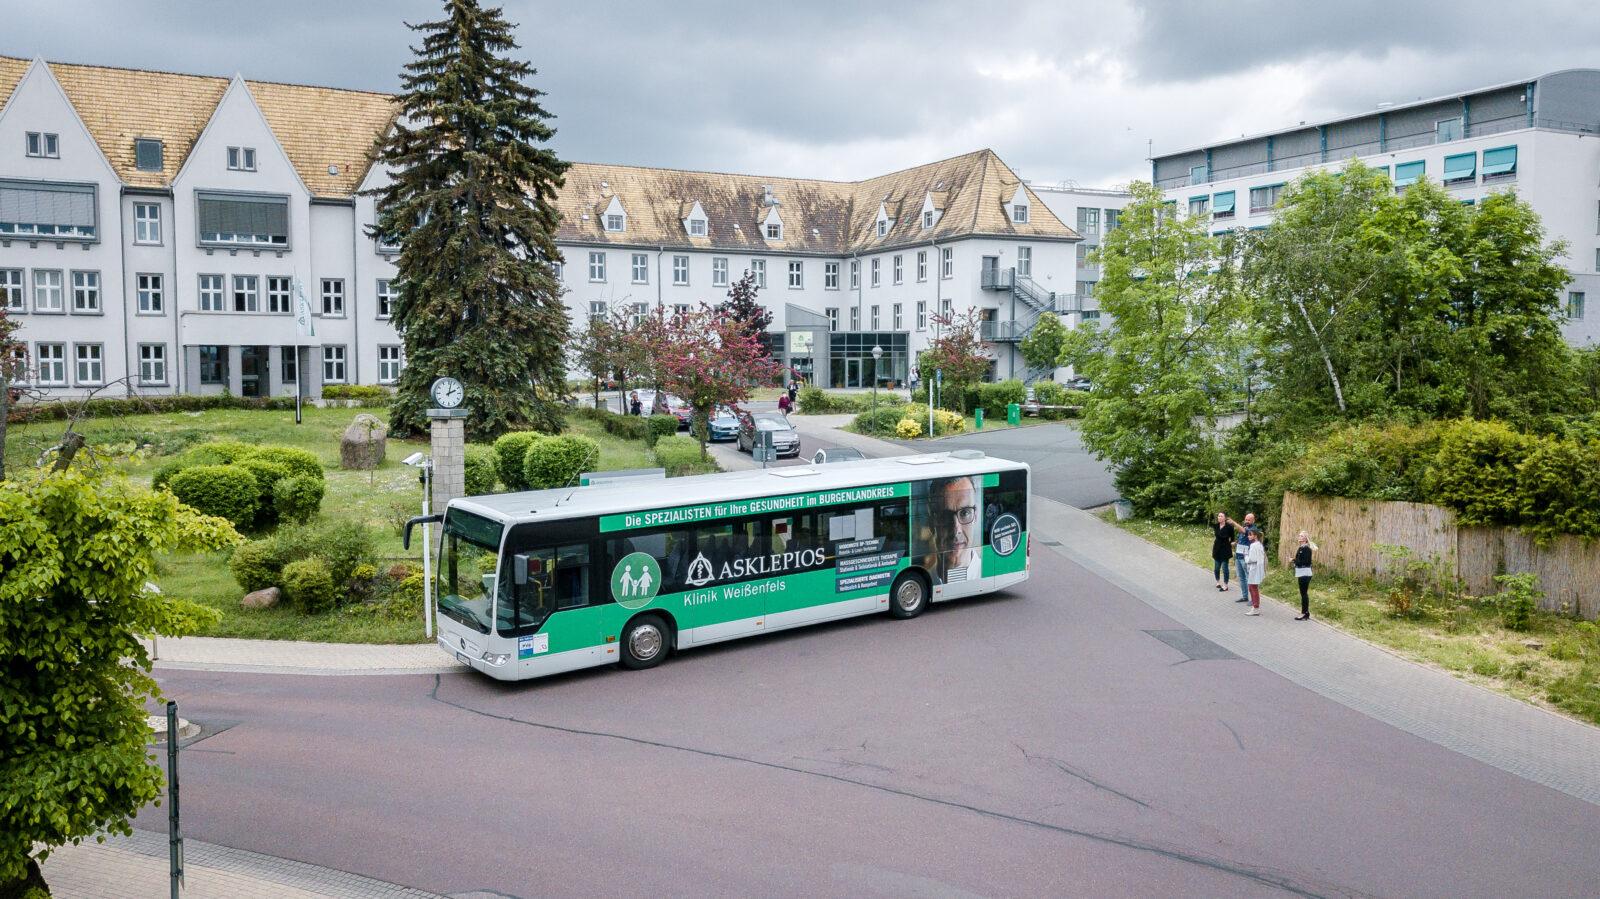 Buswerbung für die Asklepios Klinik in Weißenfels